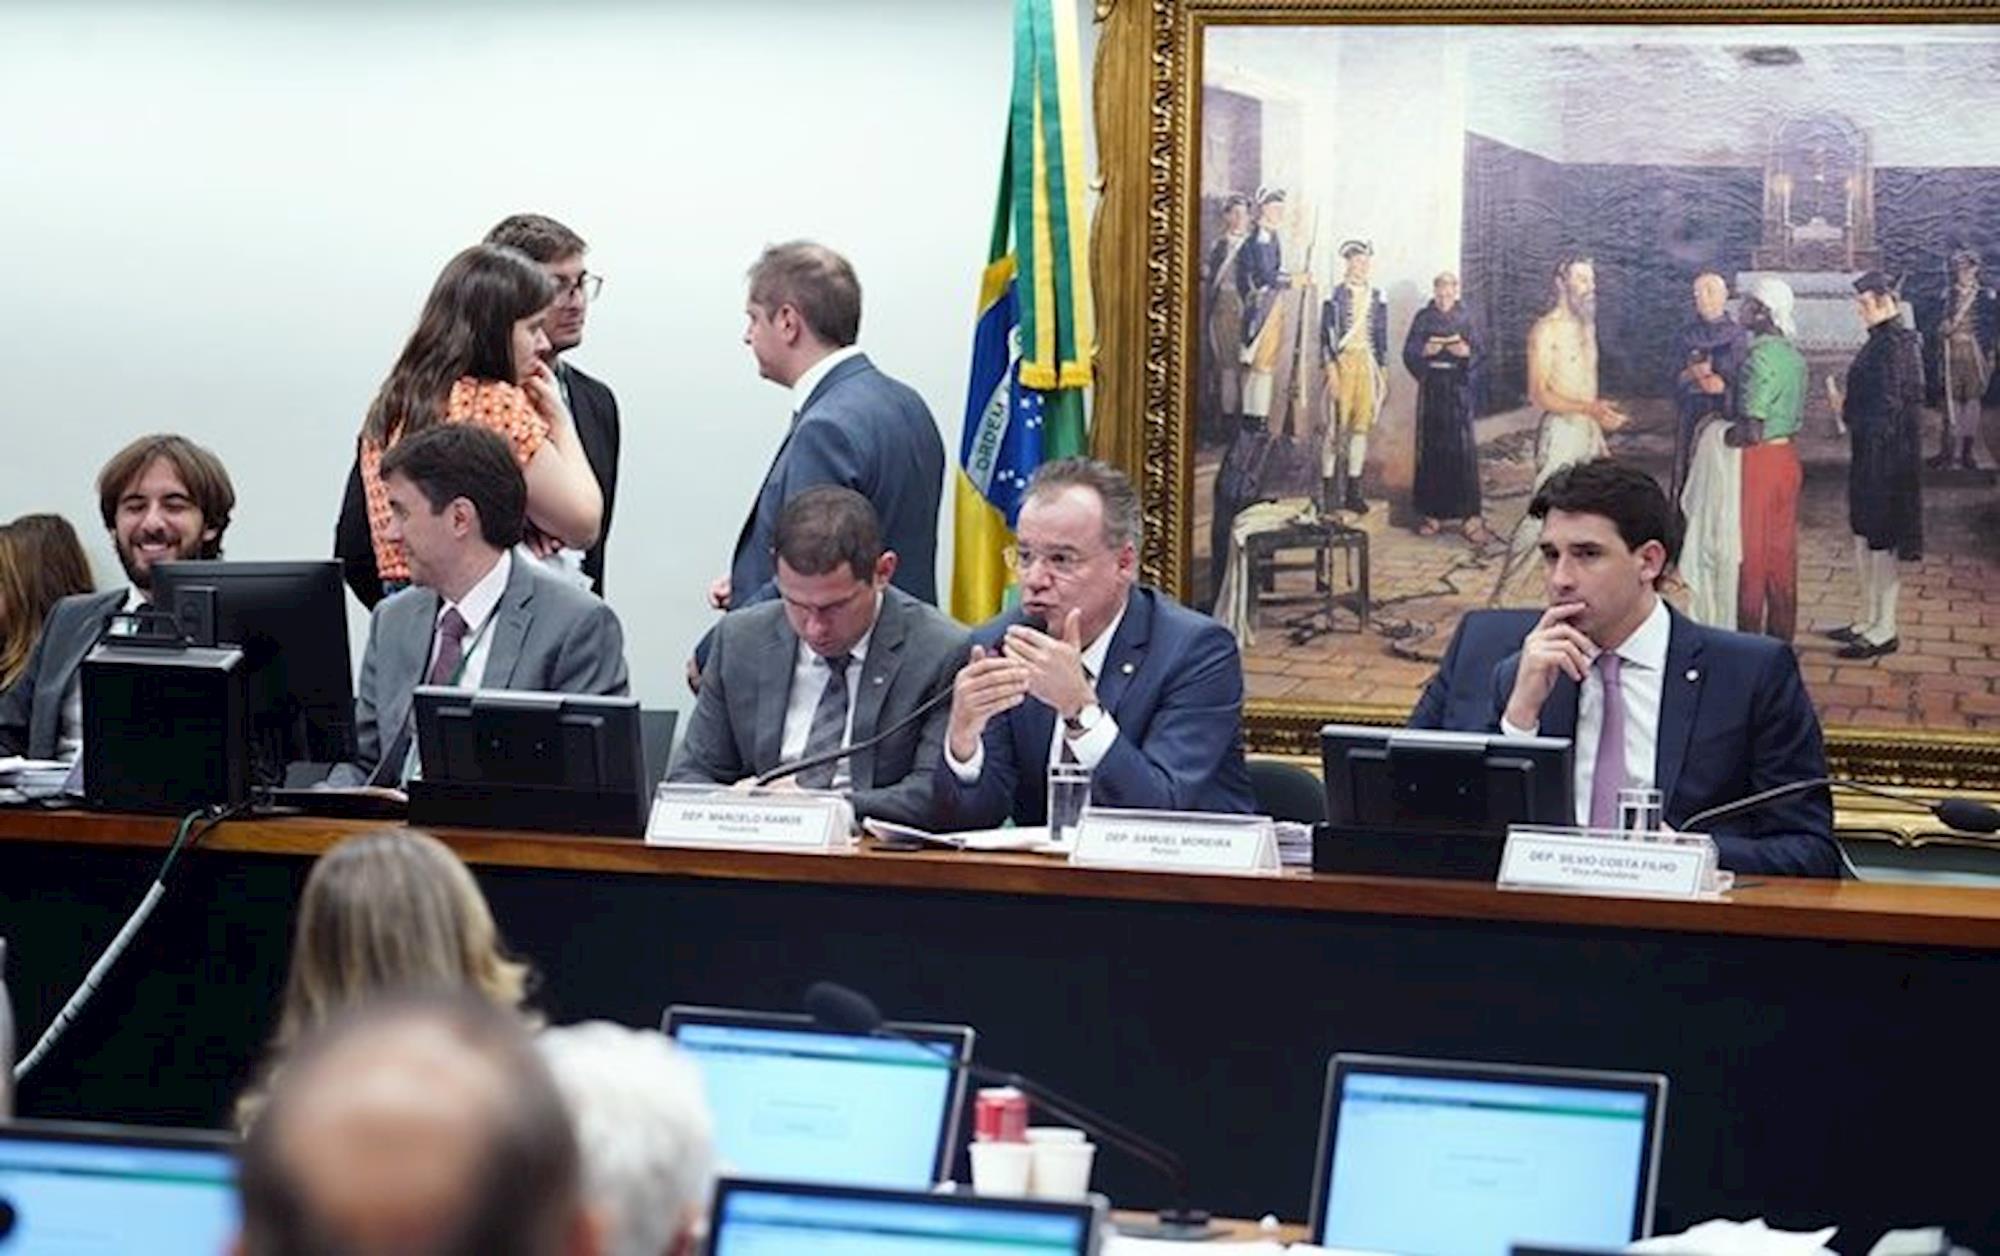 reforma, previdência, aposentadoria, rural, PABLO VALADARES/CÂMARA DOS DEPUTADOS